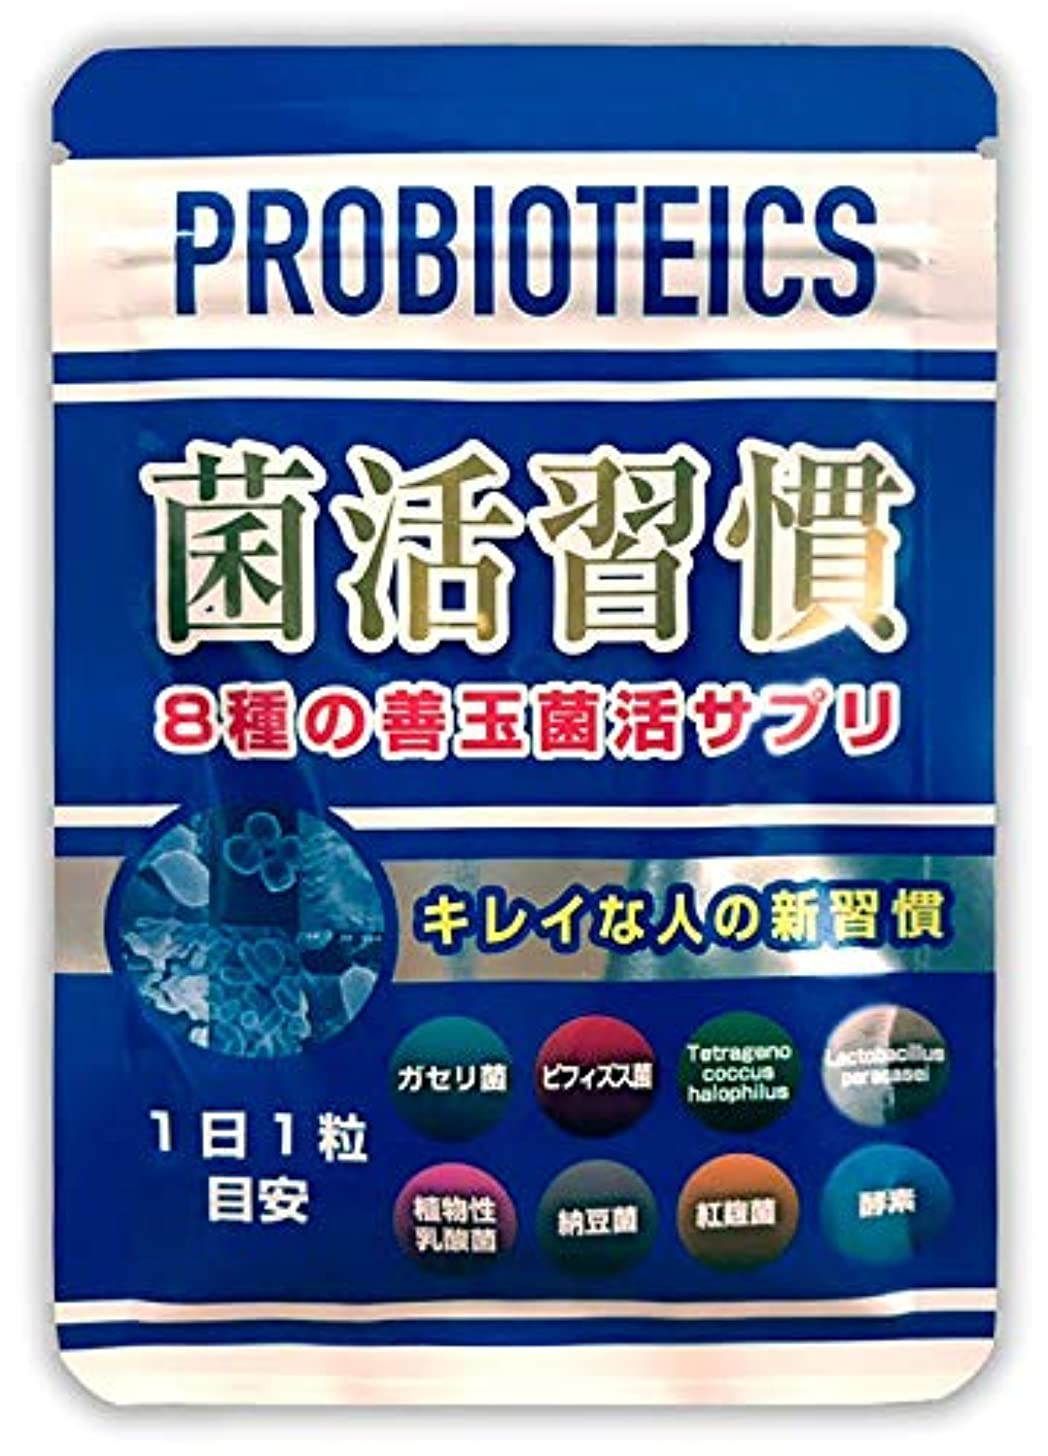 法廷感嘆符受け入れた菌活習慣 ビフィズス菌 乳酸菌 納豆菌 酵素 ガセリ菌 30日分 サプリ